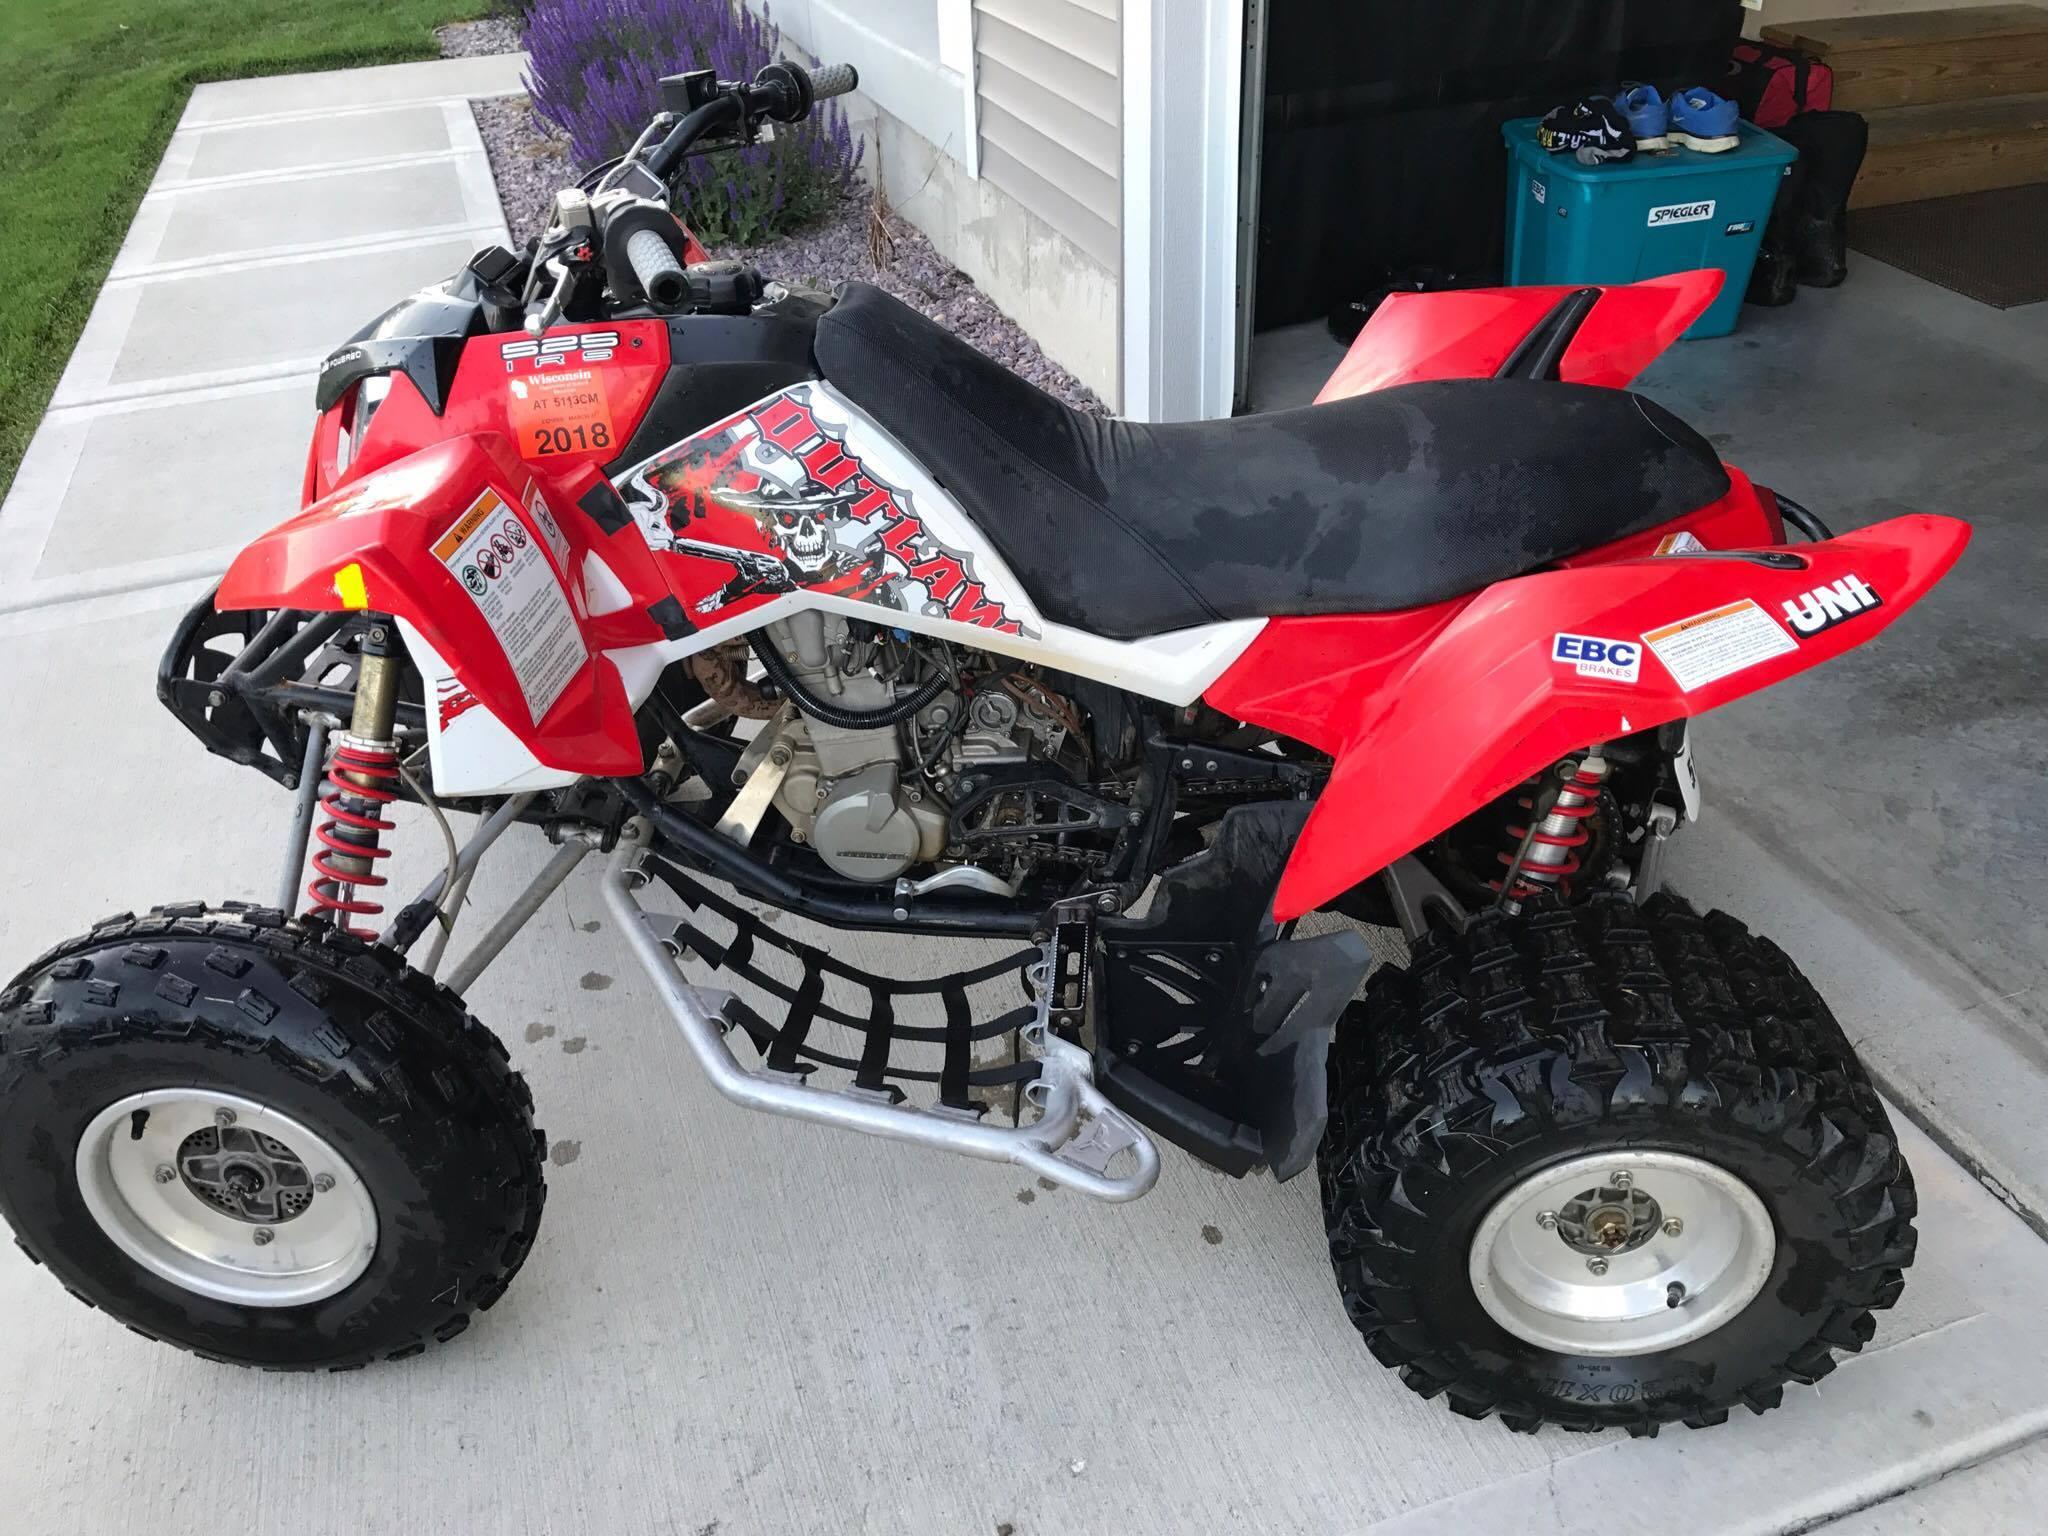 Polaris Outlaw 525 >> 2008 Polaris Outlaw 525 IRS For Sale - Polaris ATV Forum